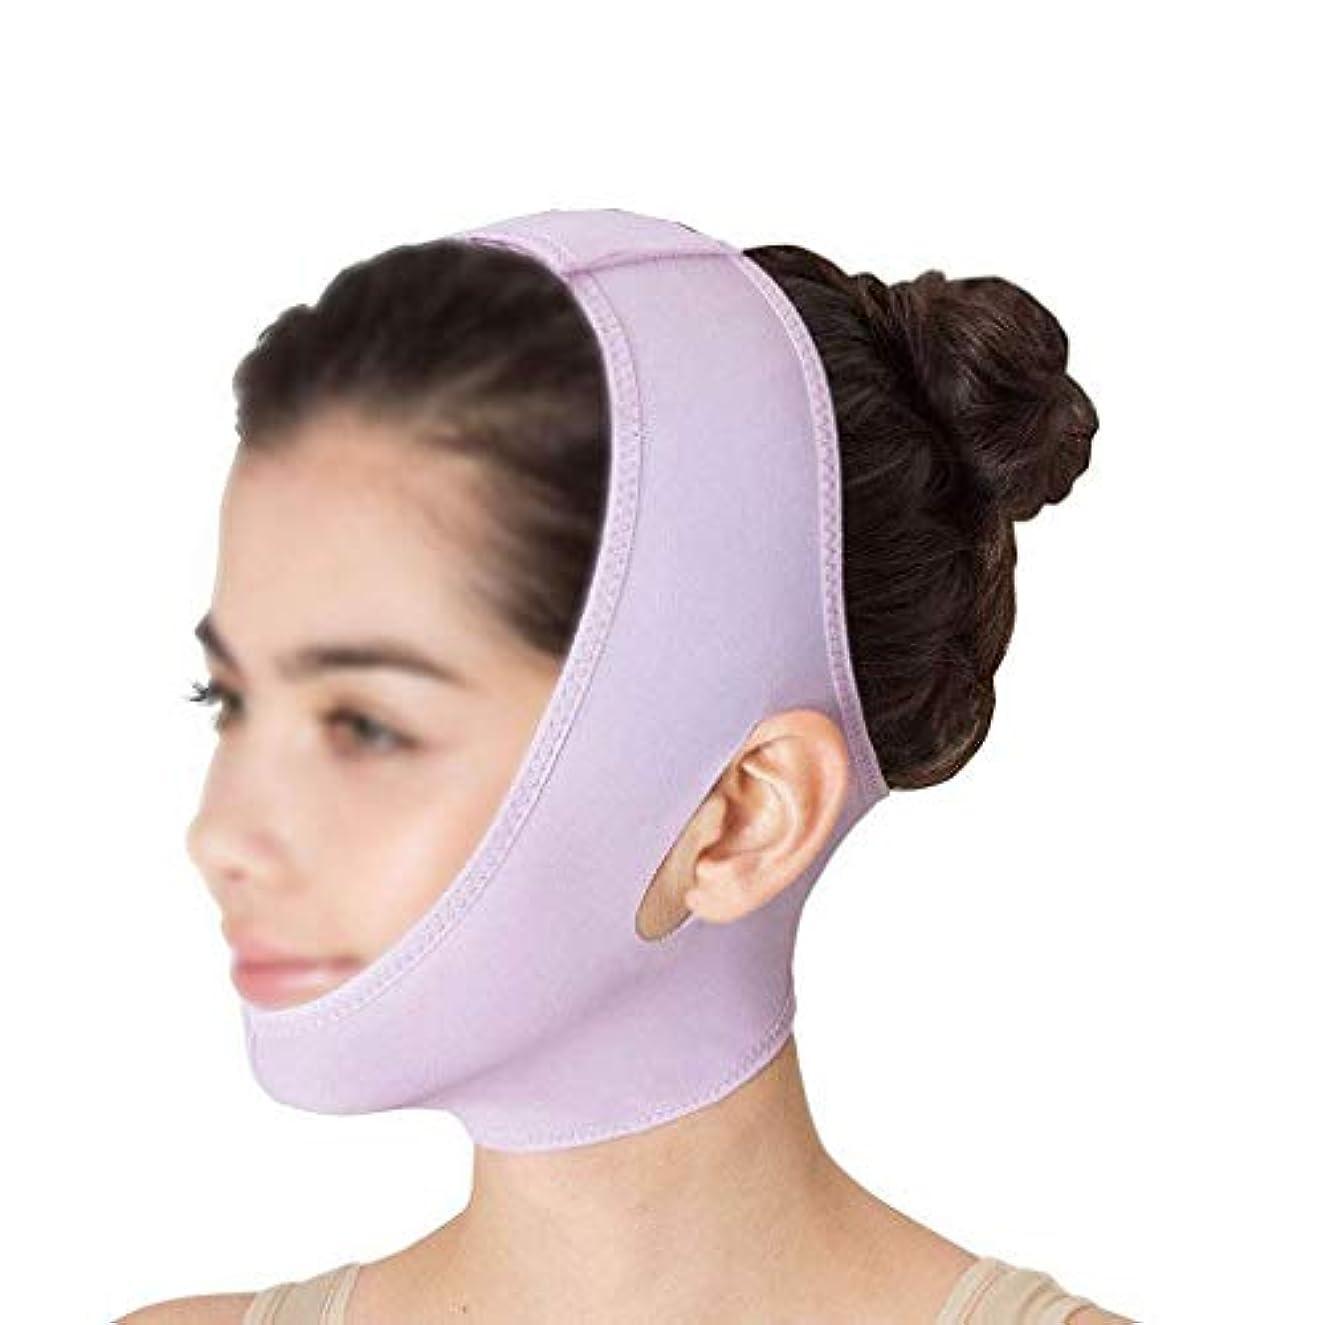 中古定刻お嬢薄いフェイスマスク ビームフェイス、薄いダブルチンでスリーピングマスクの下の頬を防ぎ、小さなVフェイスを作成